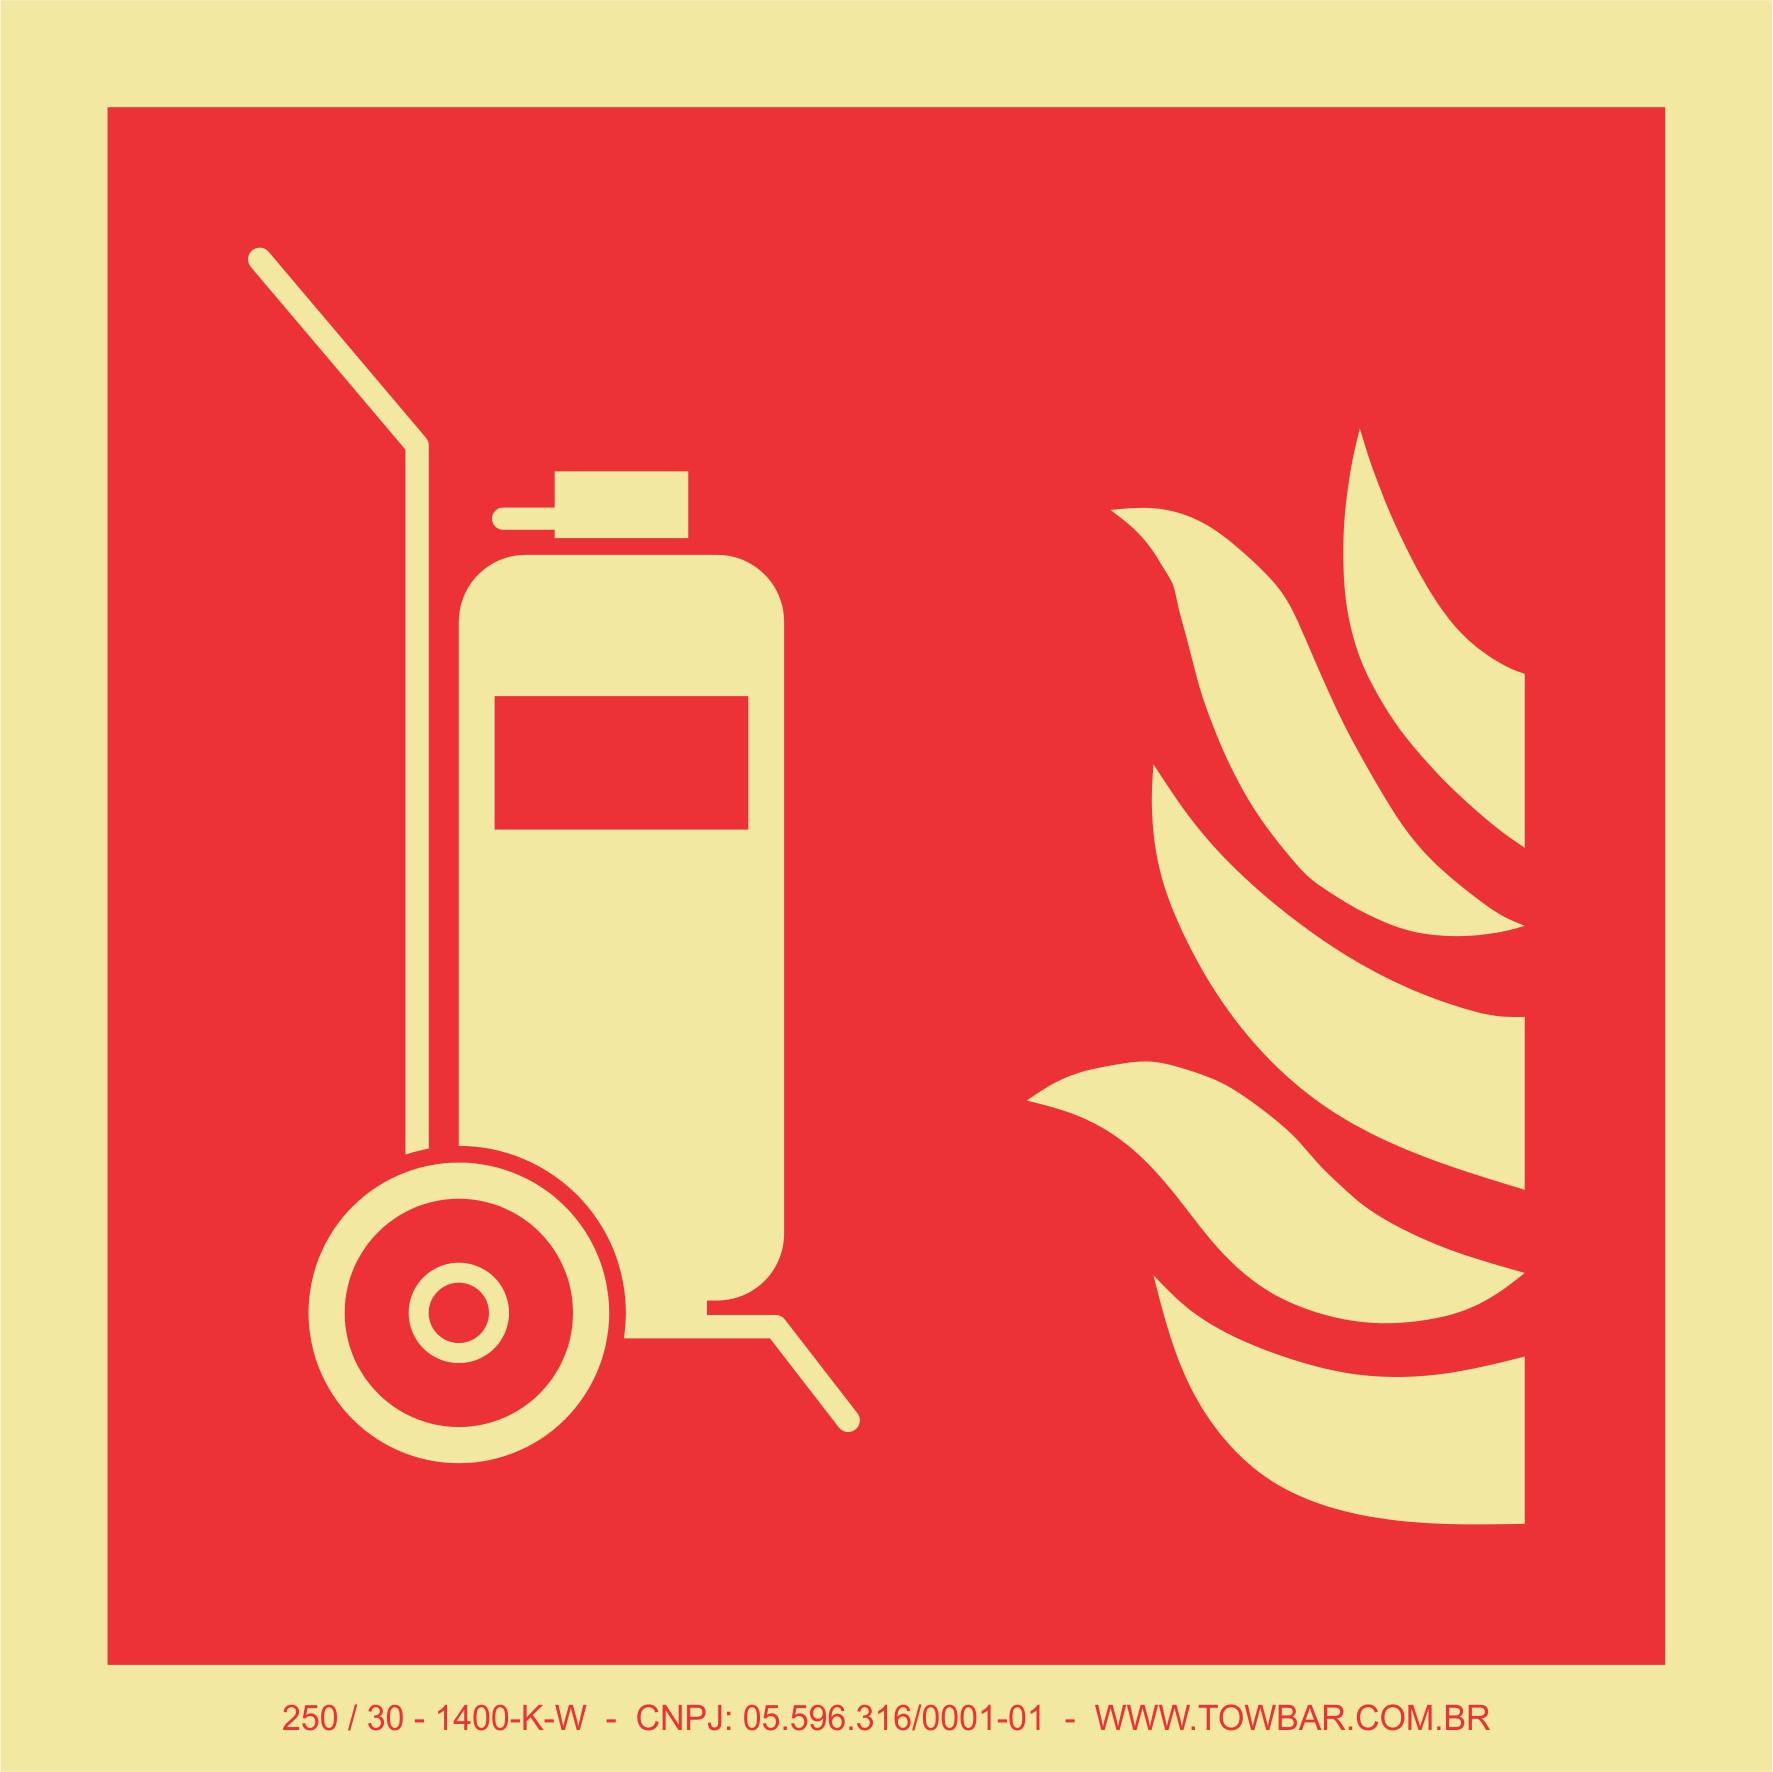 Extintor de incêndio Carreta (Wheeled fire extinguisher)  - Towbar Sinalização de Segurança